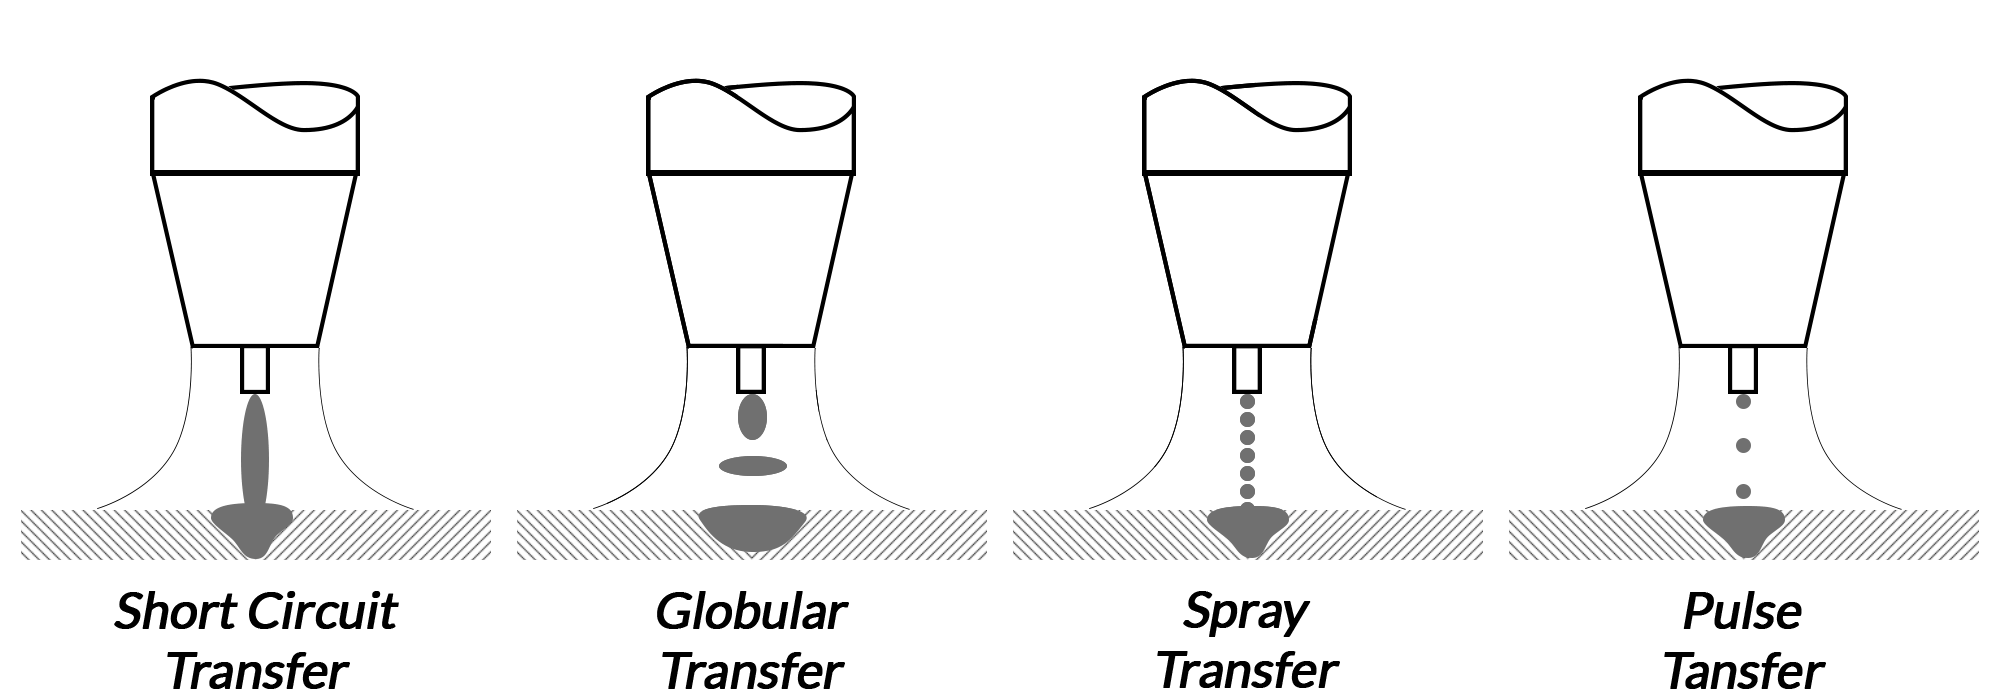 mig welding transfer methods